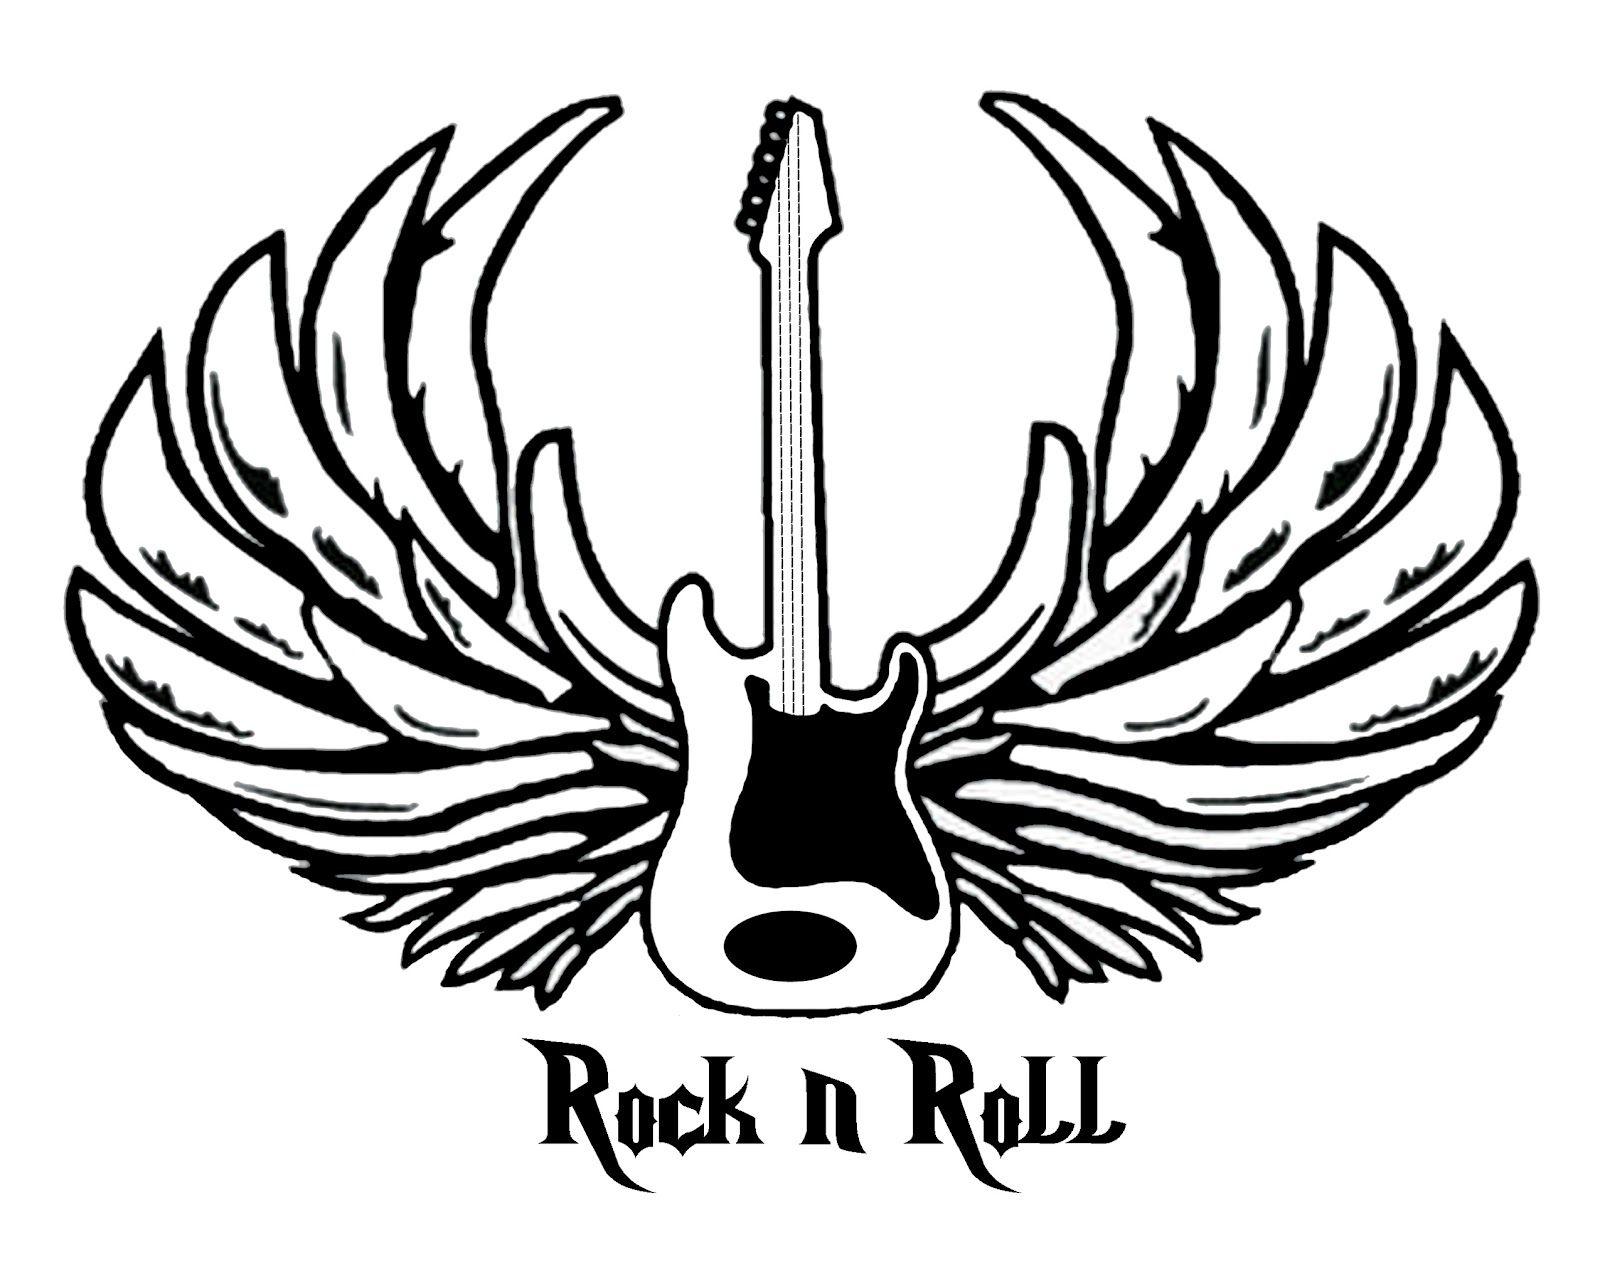 Rock N Roll Rock N Roll Art Rock N Roll Music Drawings